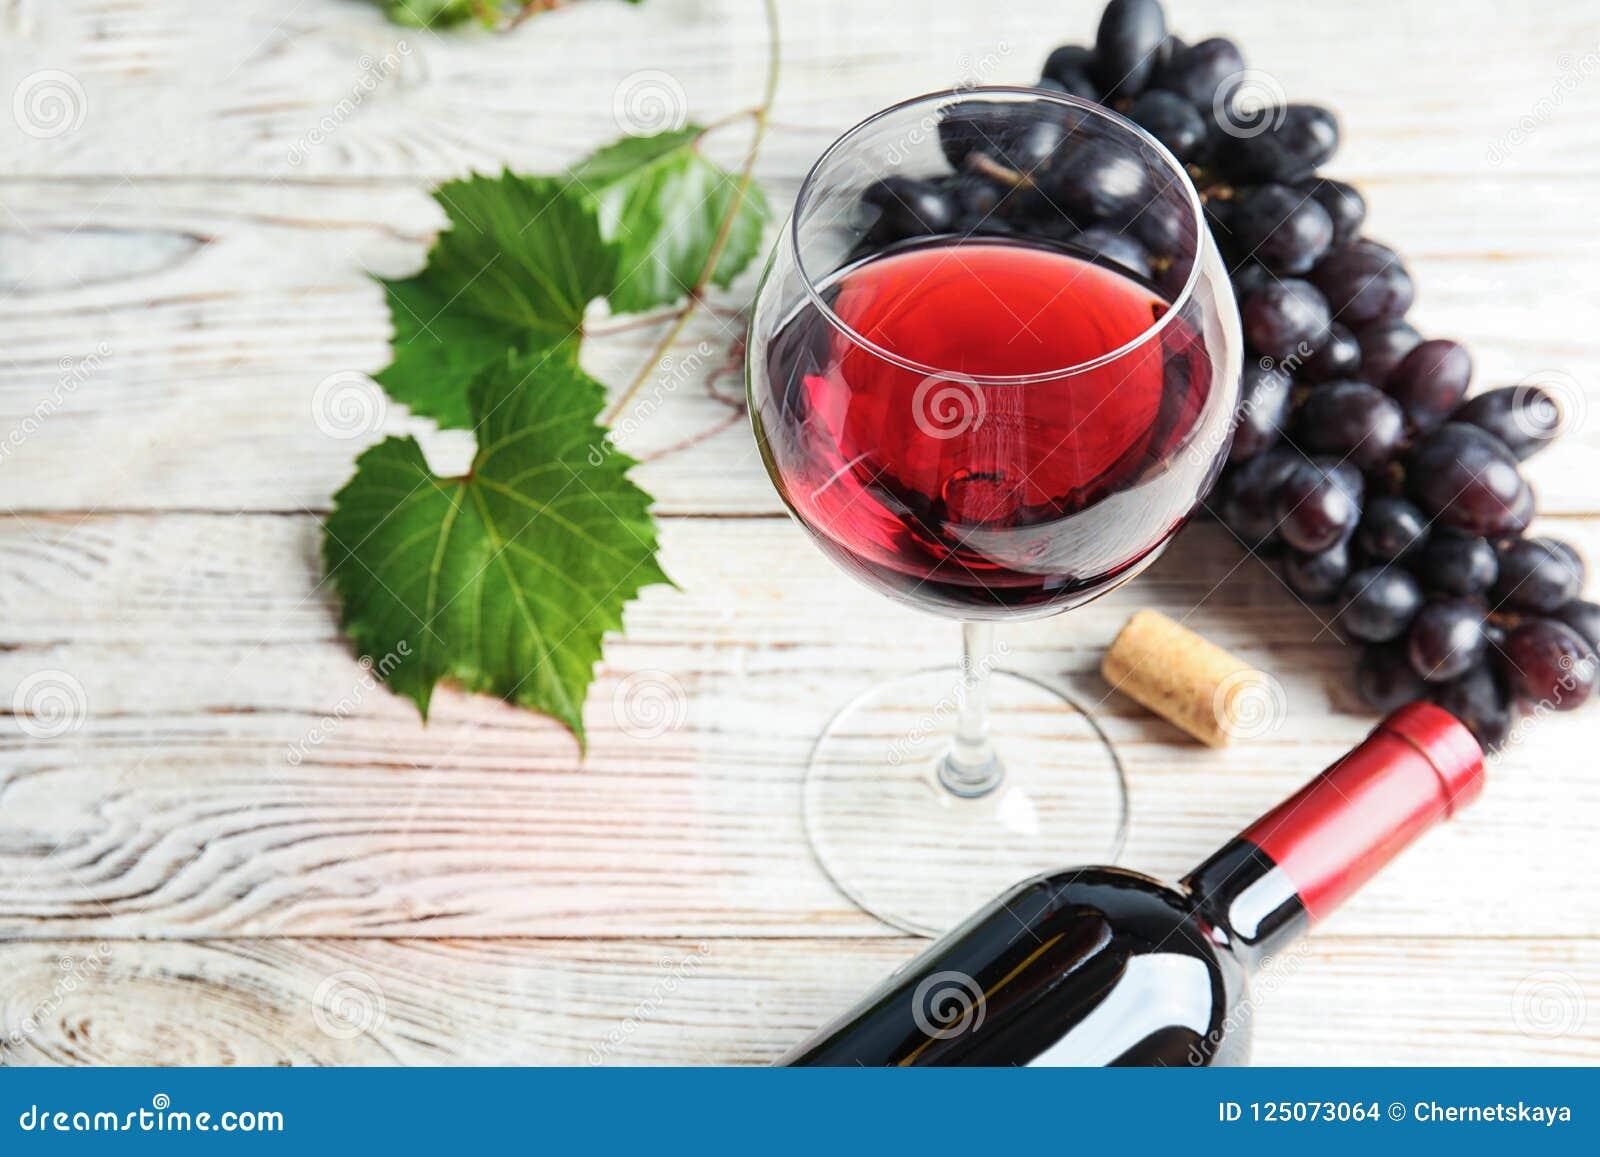 Verre et bouteille de vin rouge avec des raisins juteux mûrs frais